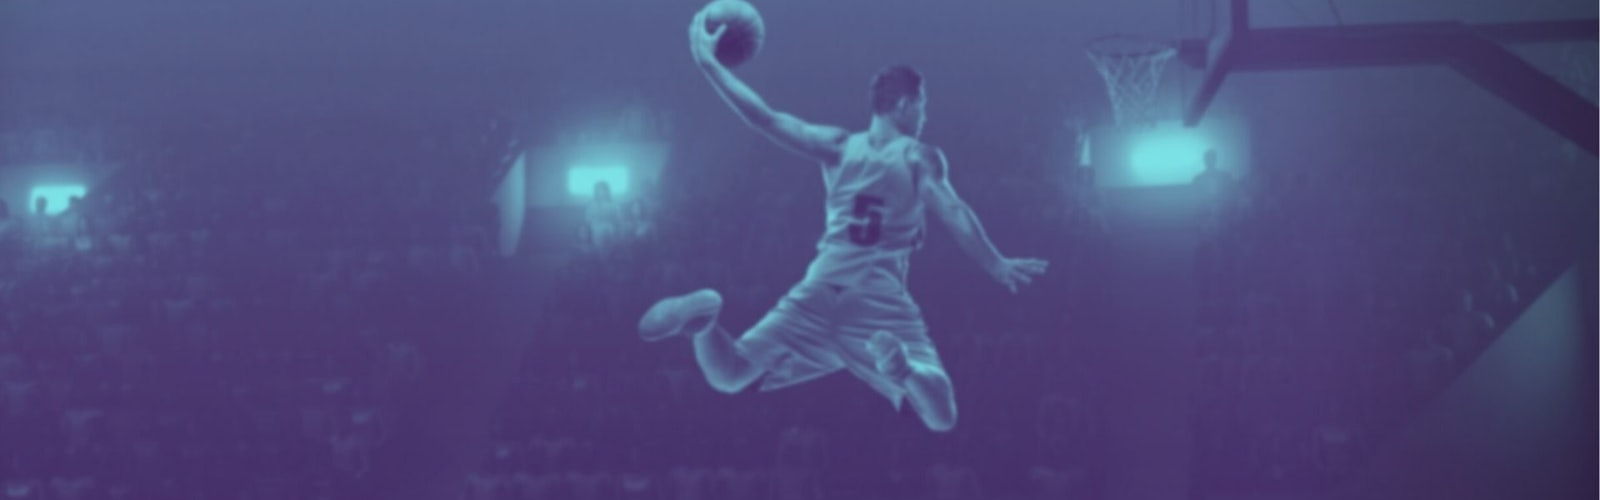 Sportwetten NBA Header Banner